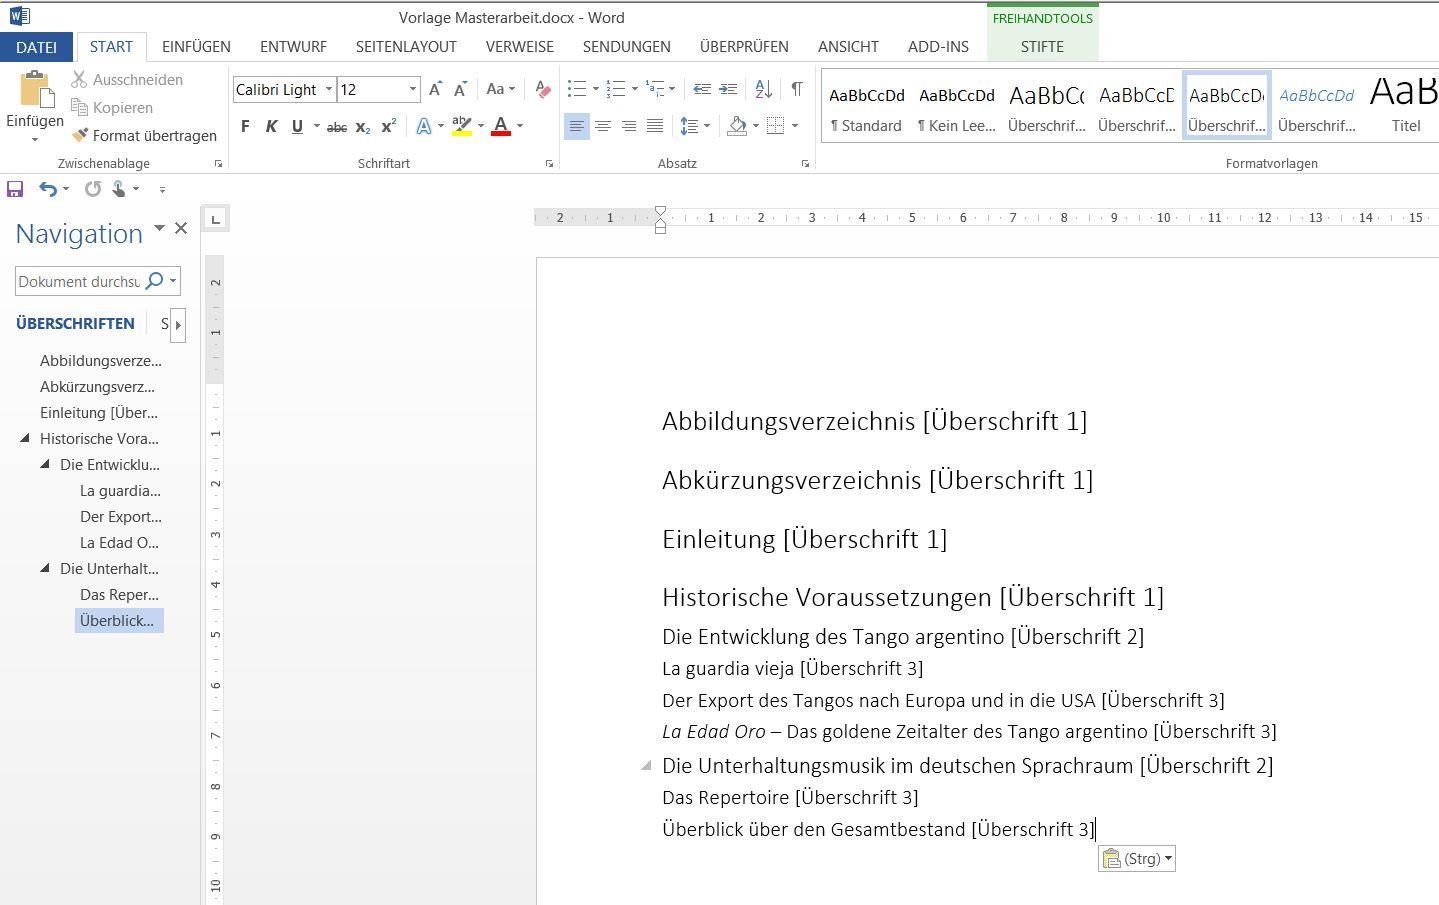 Formatierung des vorläufigen Inhaltsverzeichnisses für eine Bachelorarbeit